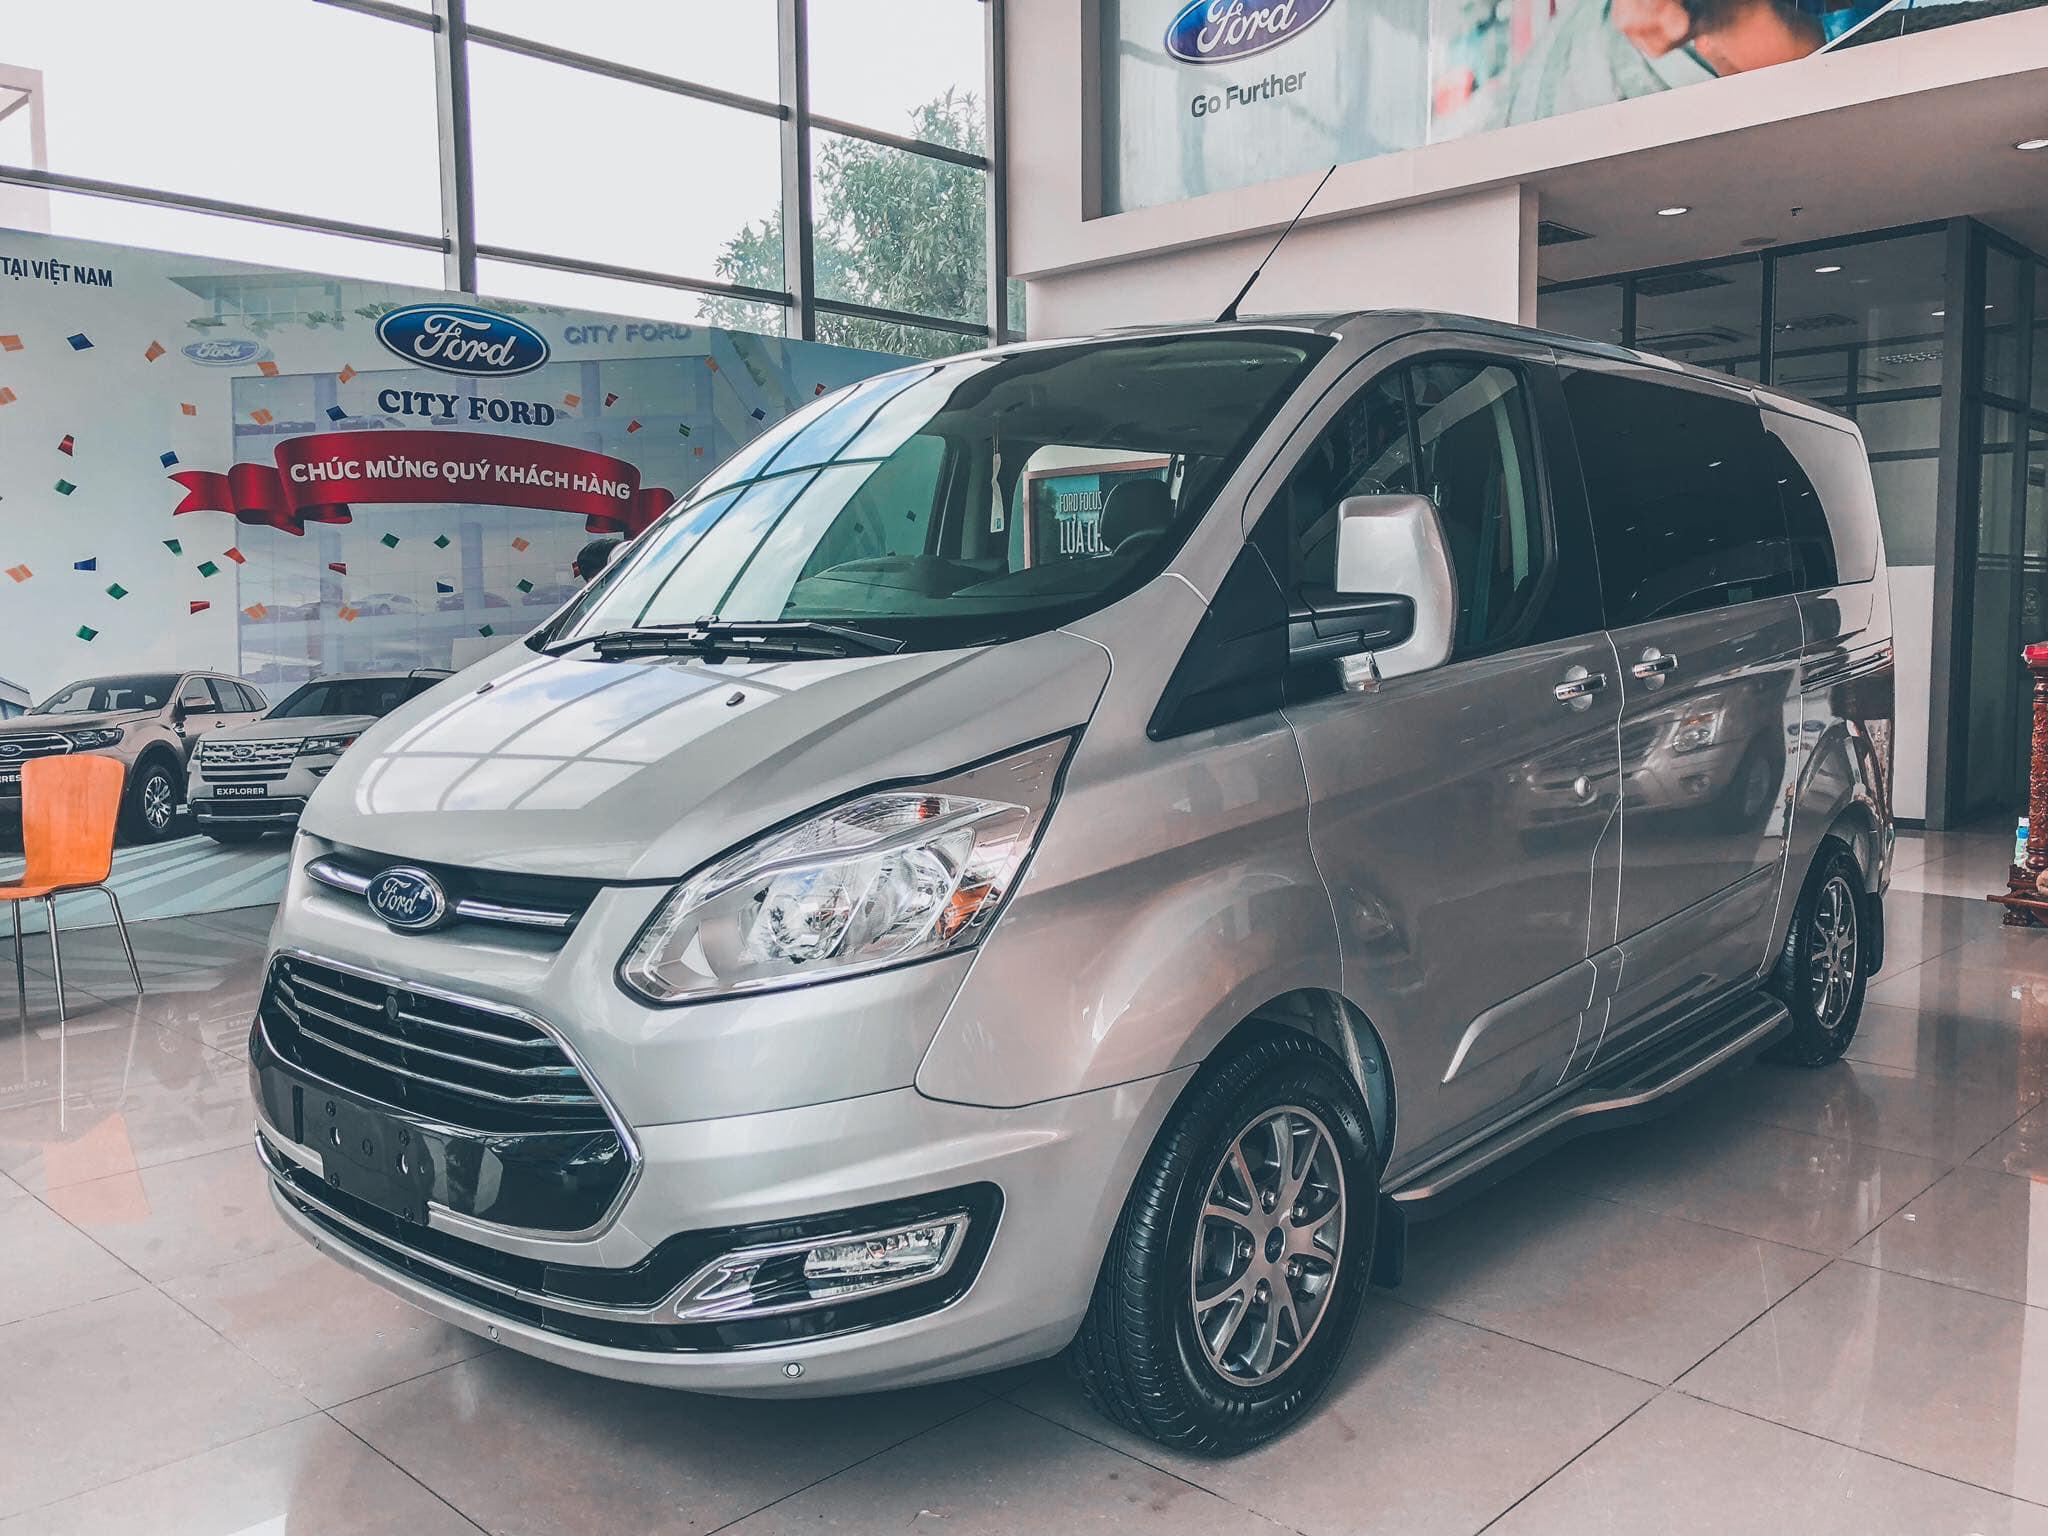 Ford Tourneo sắp được ra mắt tại Việt Nam - 01